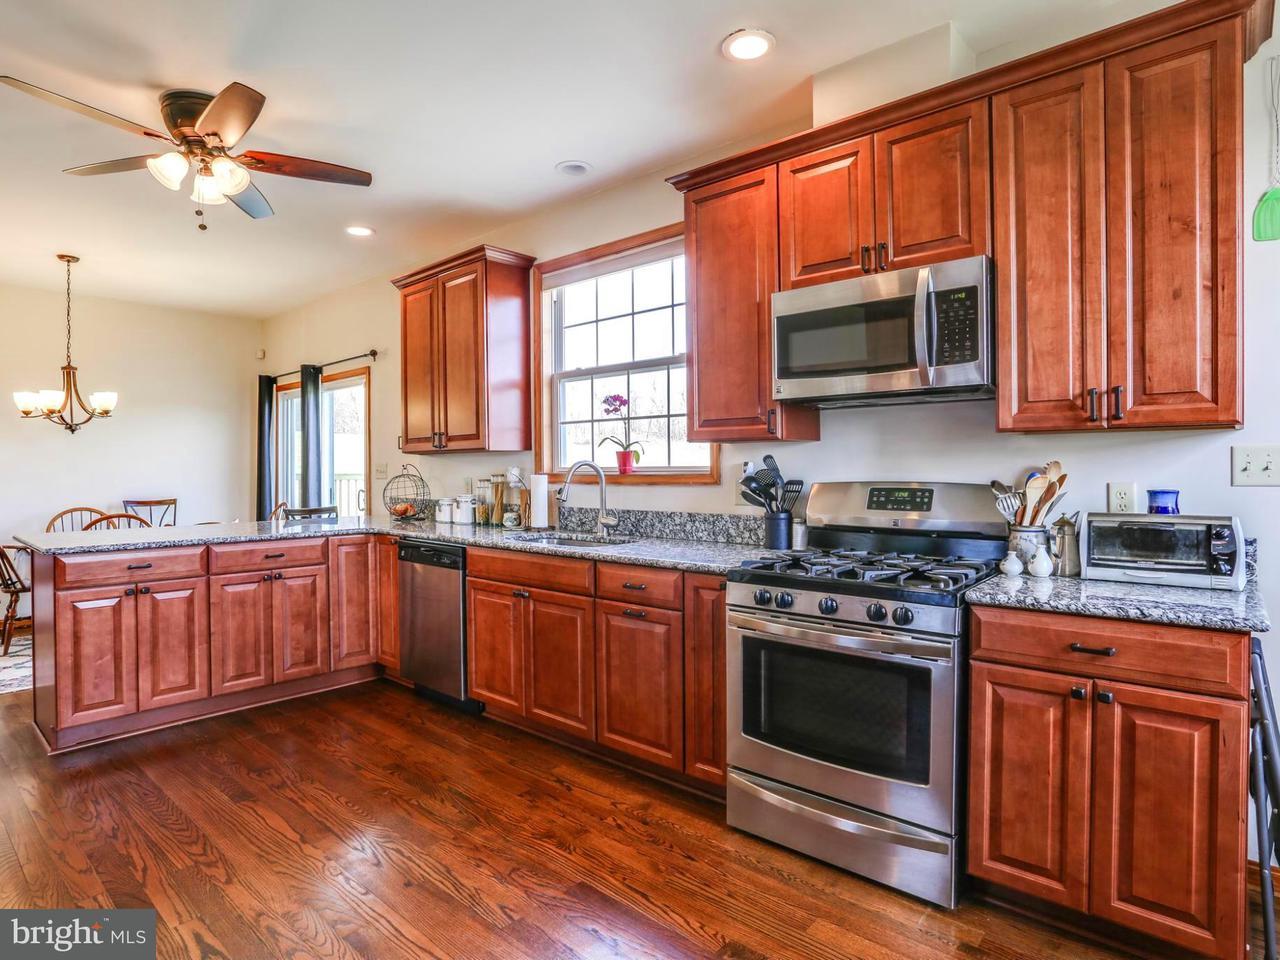 Casa Unifamiliar por un Venta en 6300A BOYERS MILL Road 6300A BOYERS MILL Road New Market, Maryland 21774 Estados Unidos